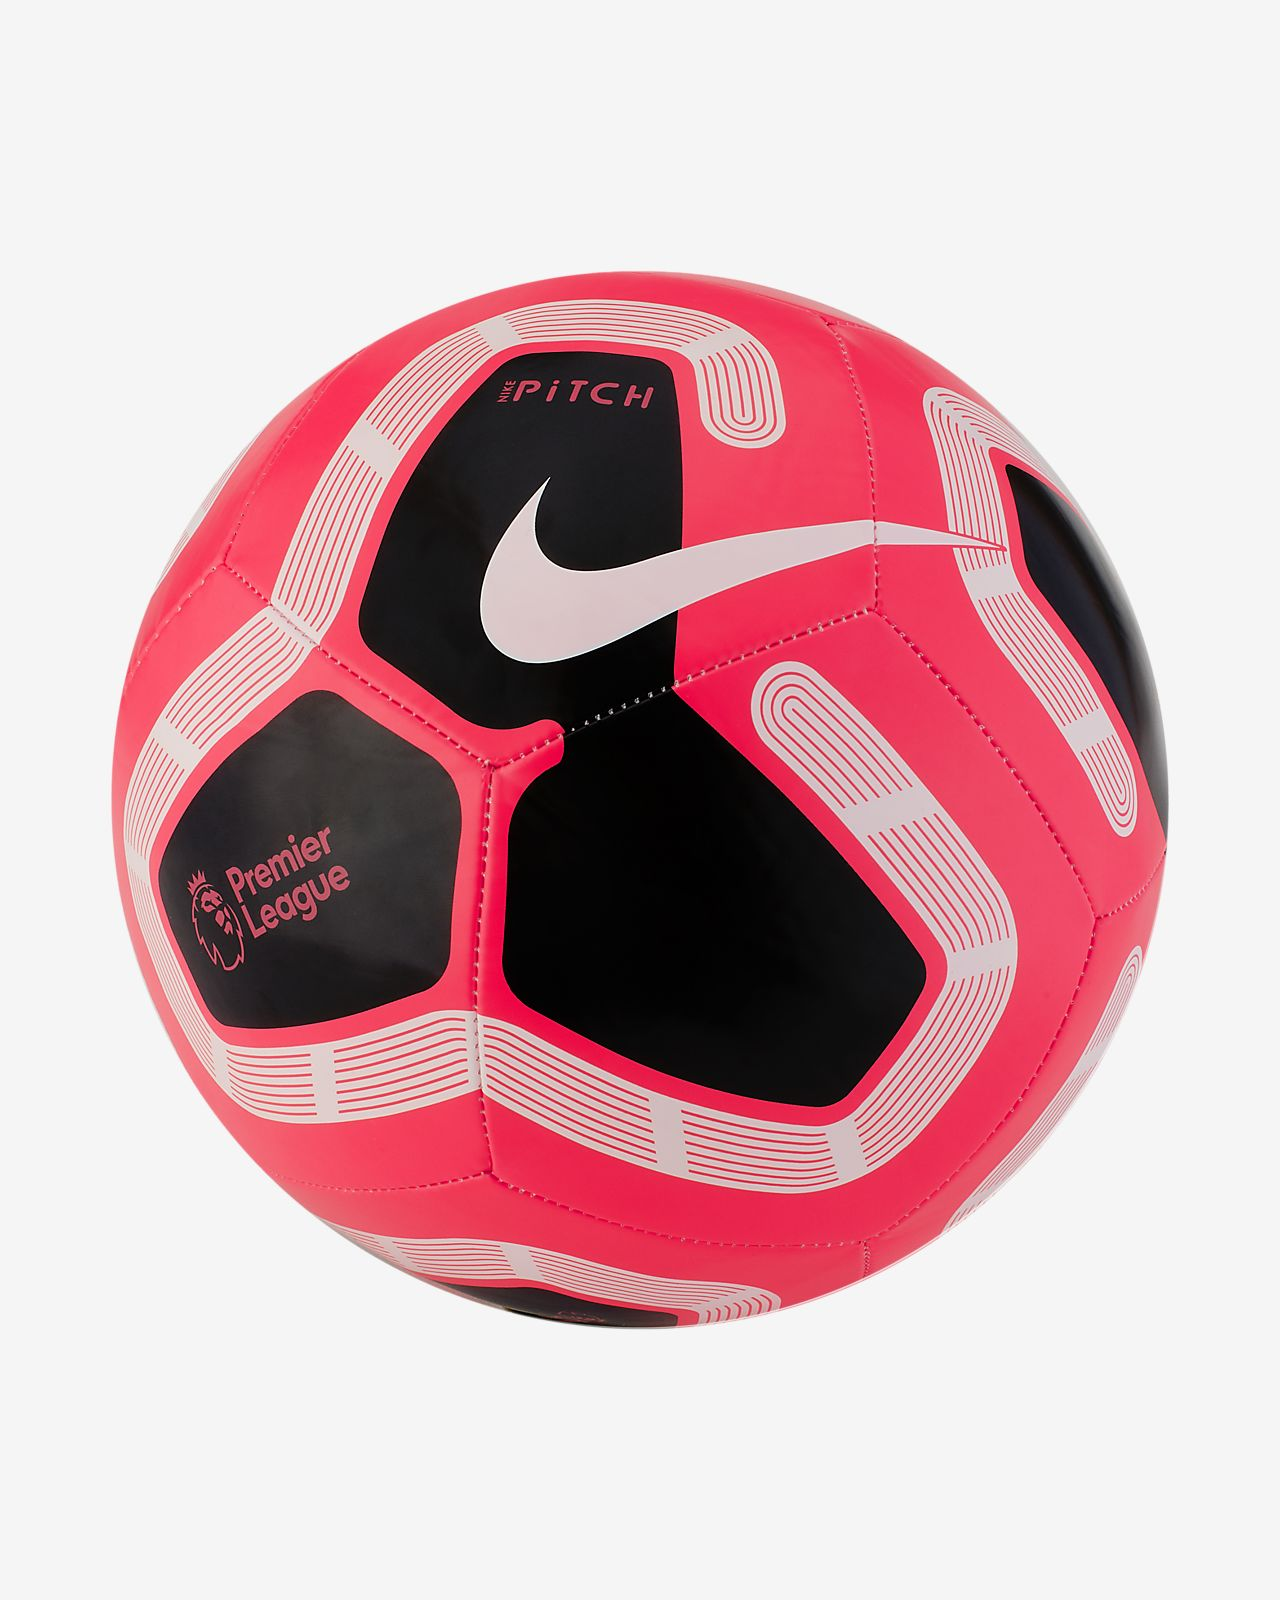 Μπάλα ποδοσφαίρου Premier League Pitch